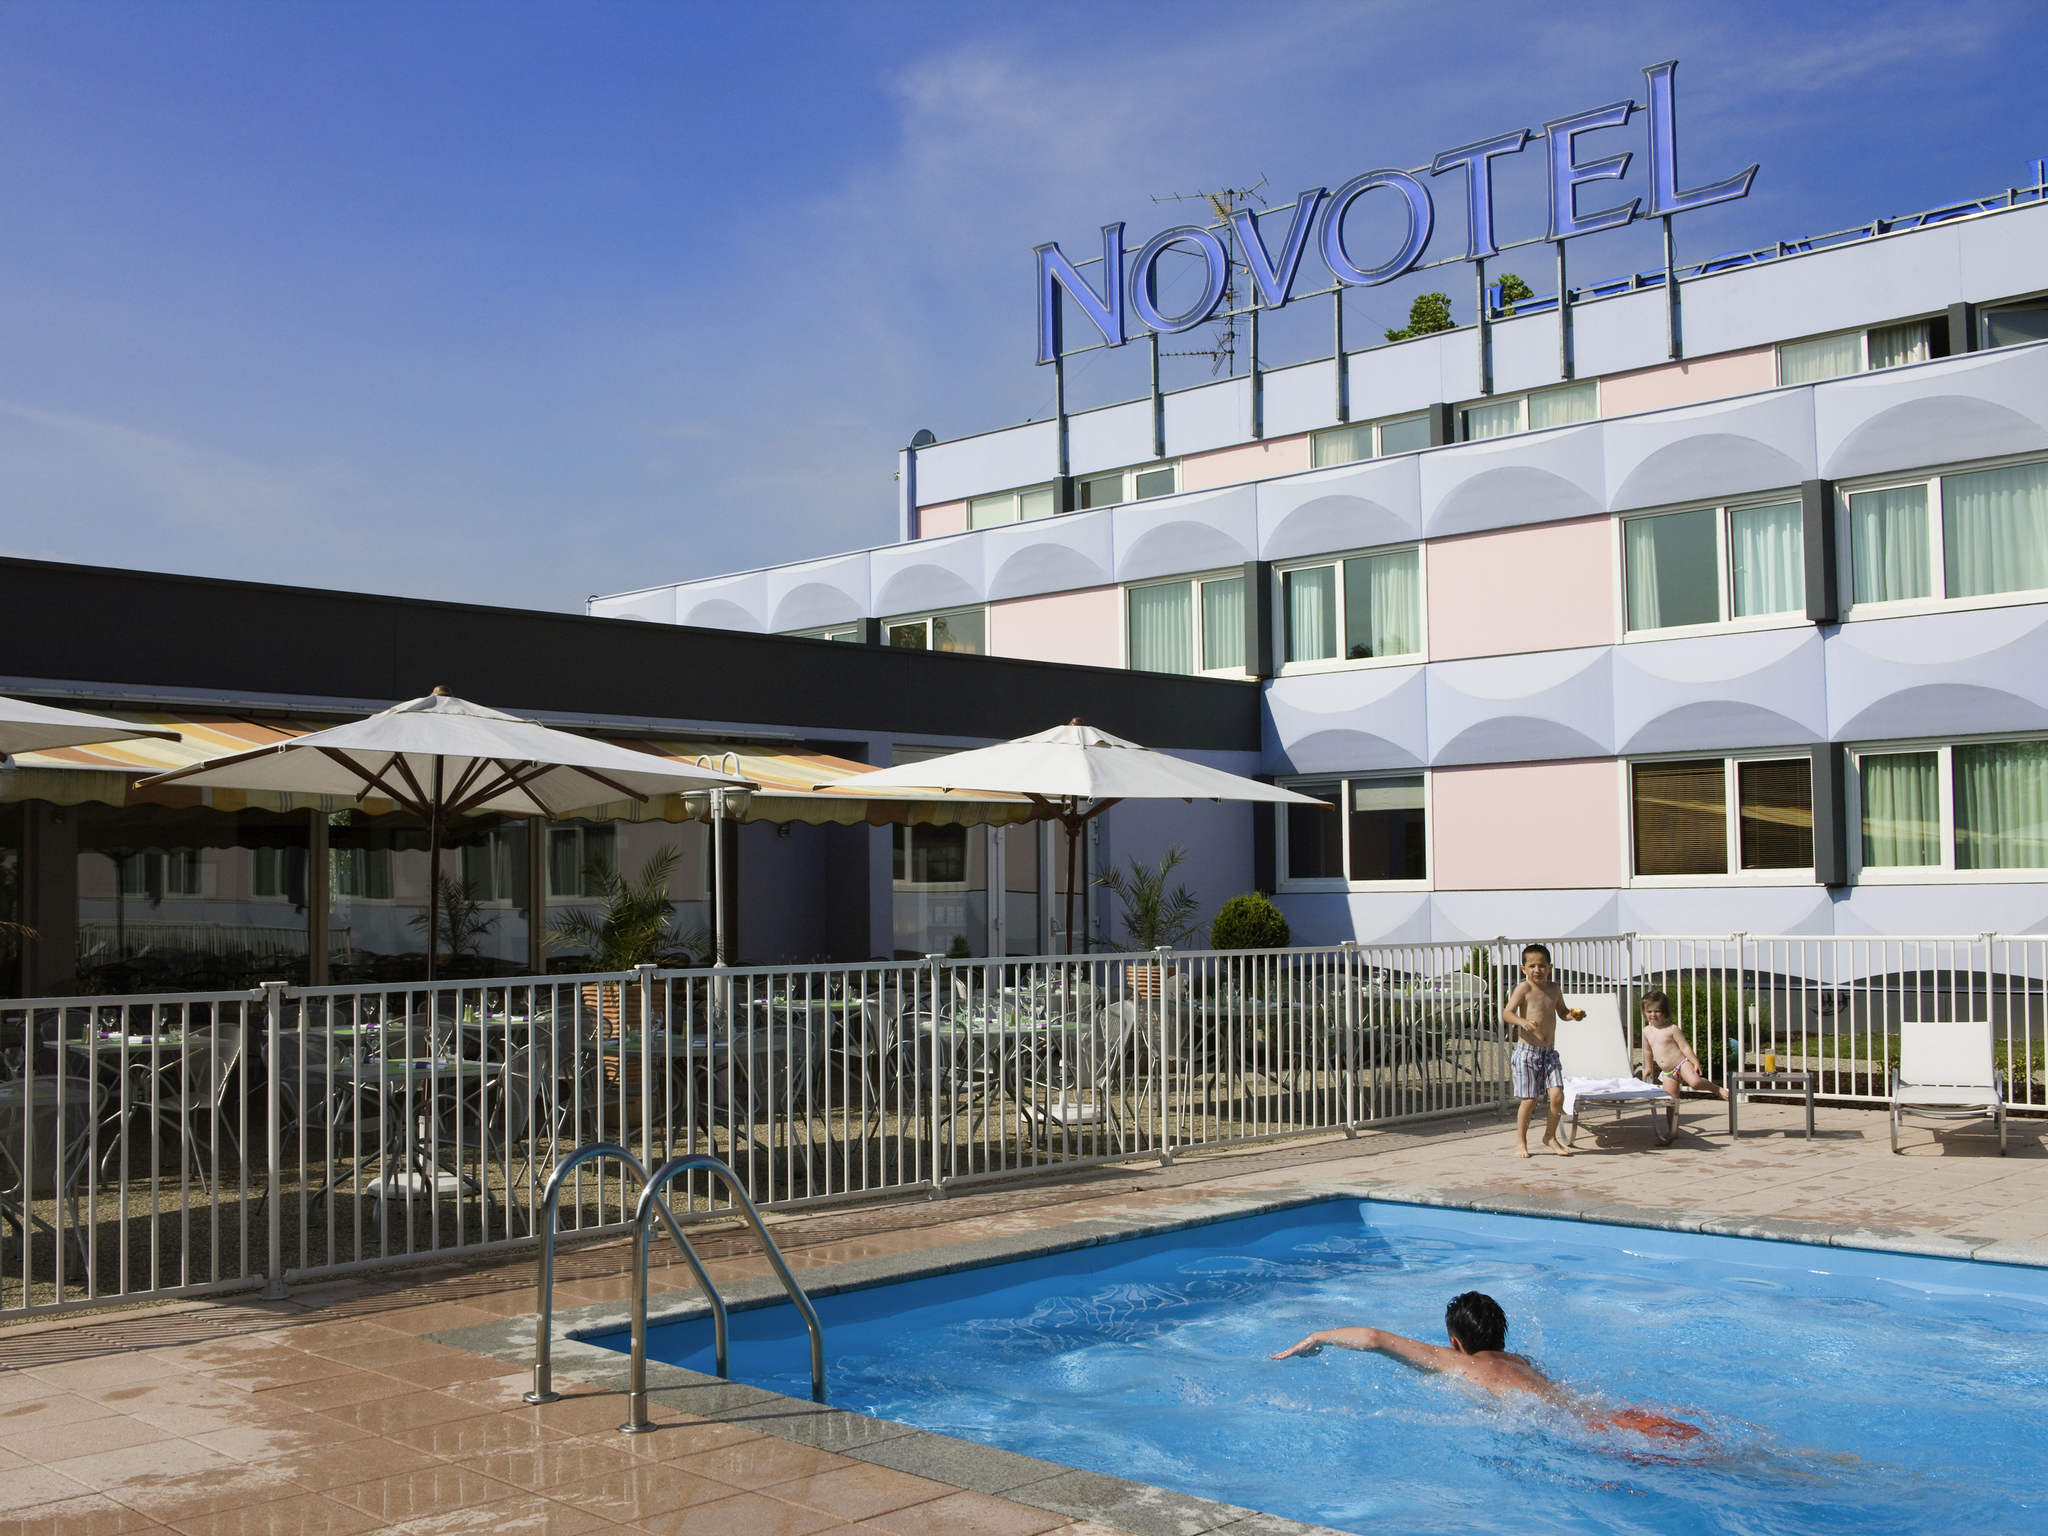 Hotel – Novotel Mulhouse Bâle Fribourg